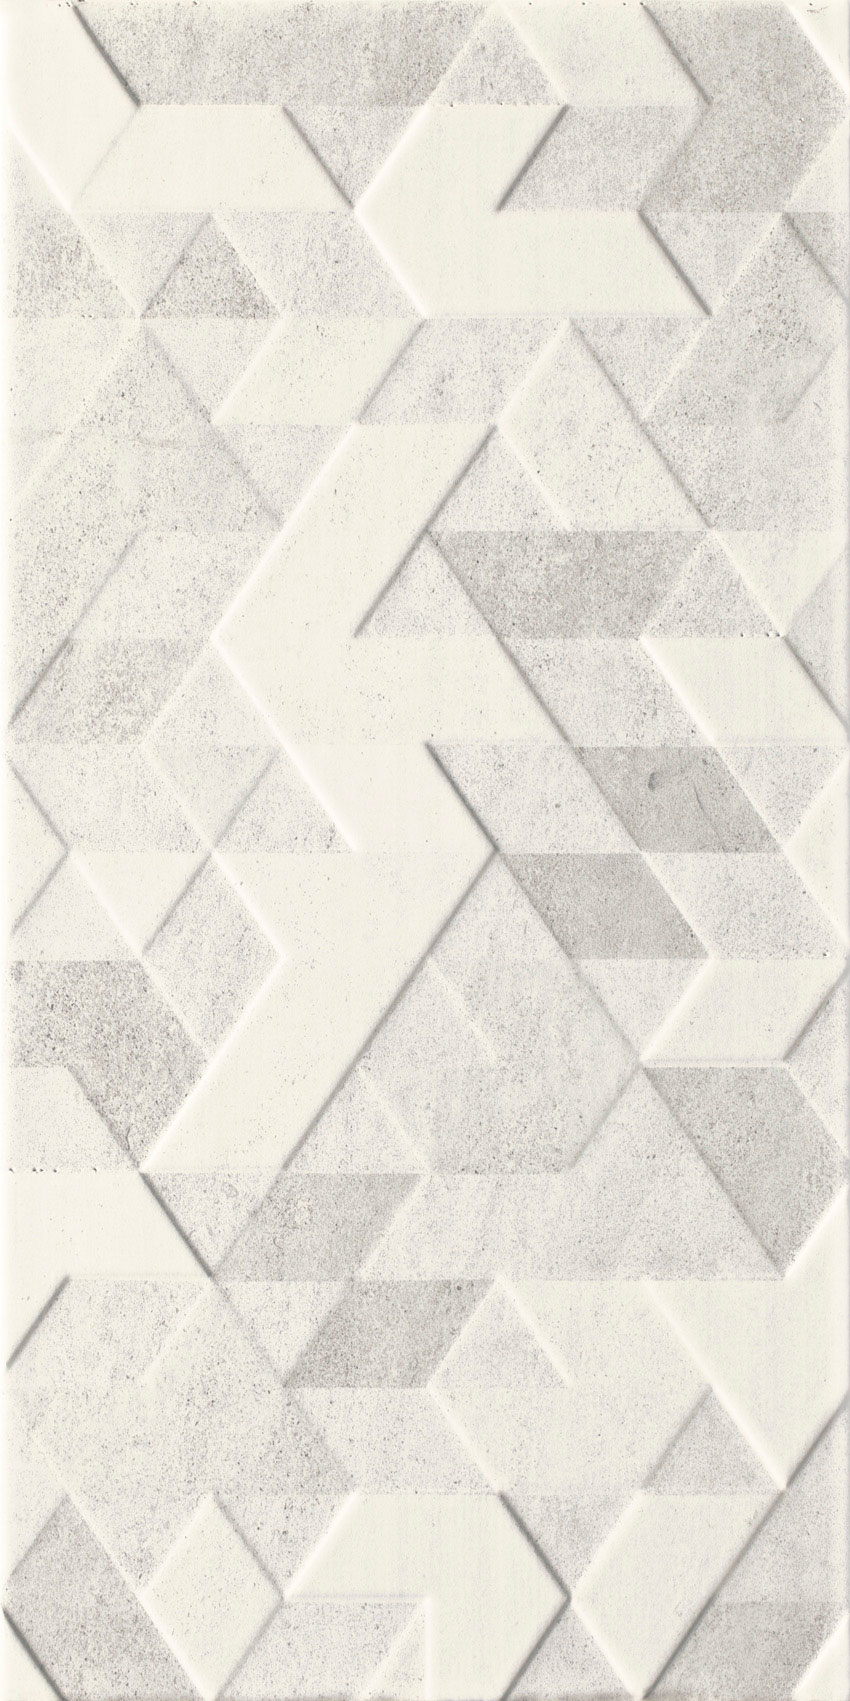 Настенная плитка Ceramika Paradyz Emilly grys struktura decor 30x60 (1,44) бордюр paradyz emilly milio sepia 2 3x60